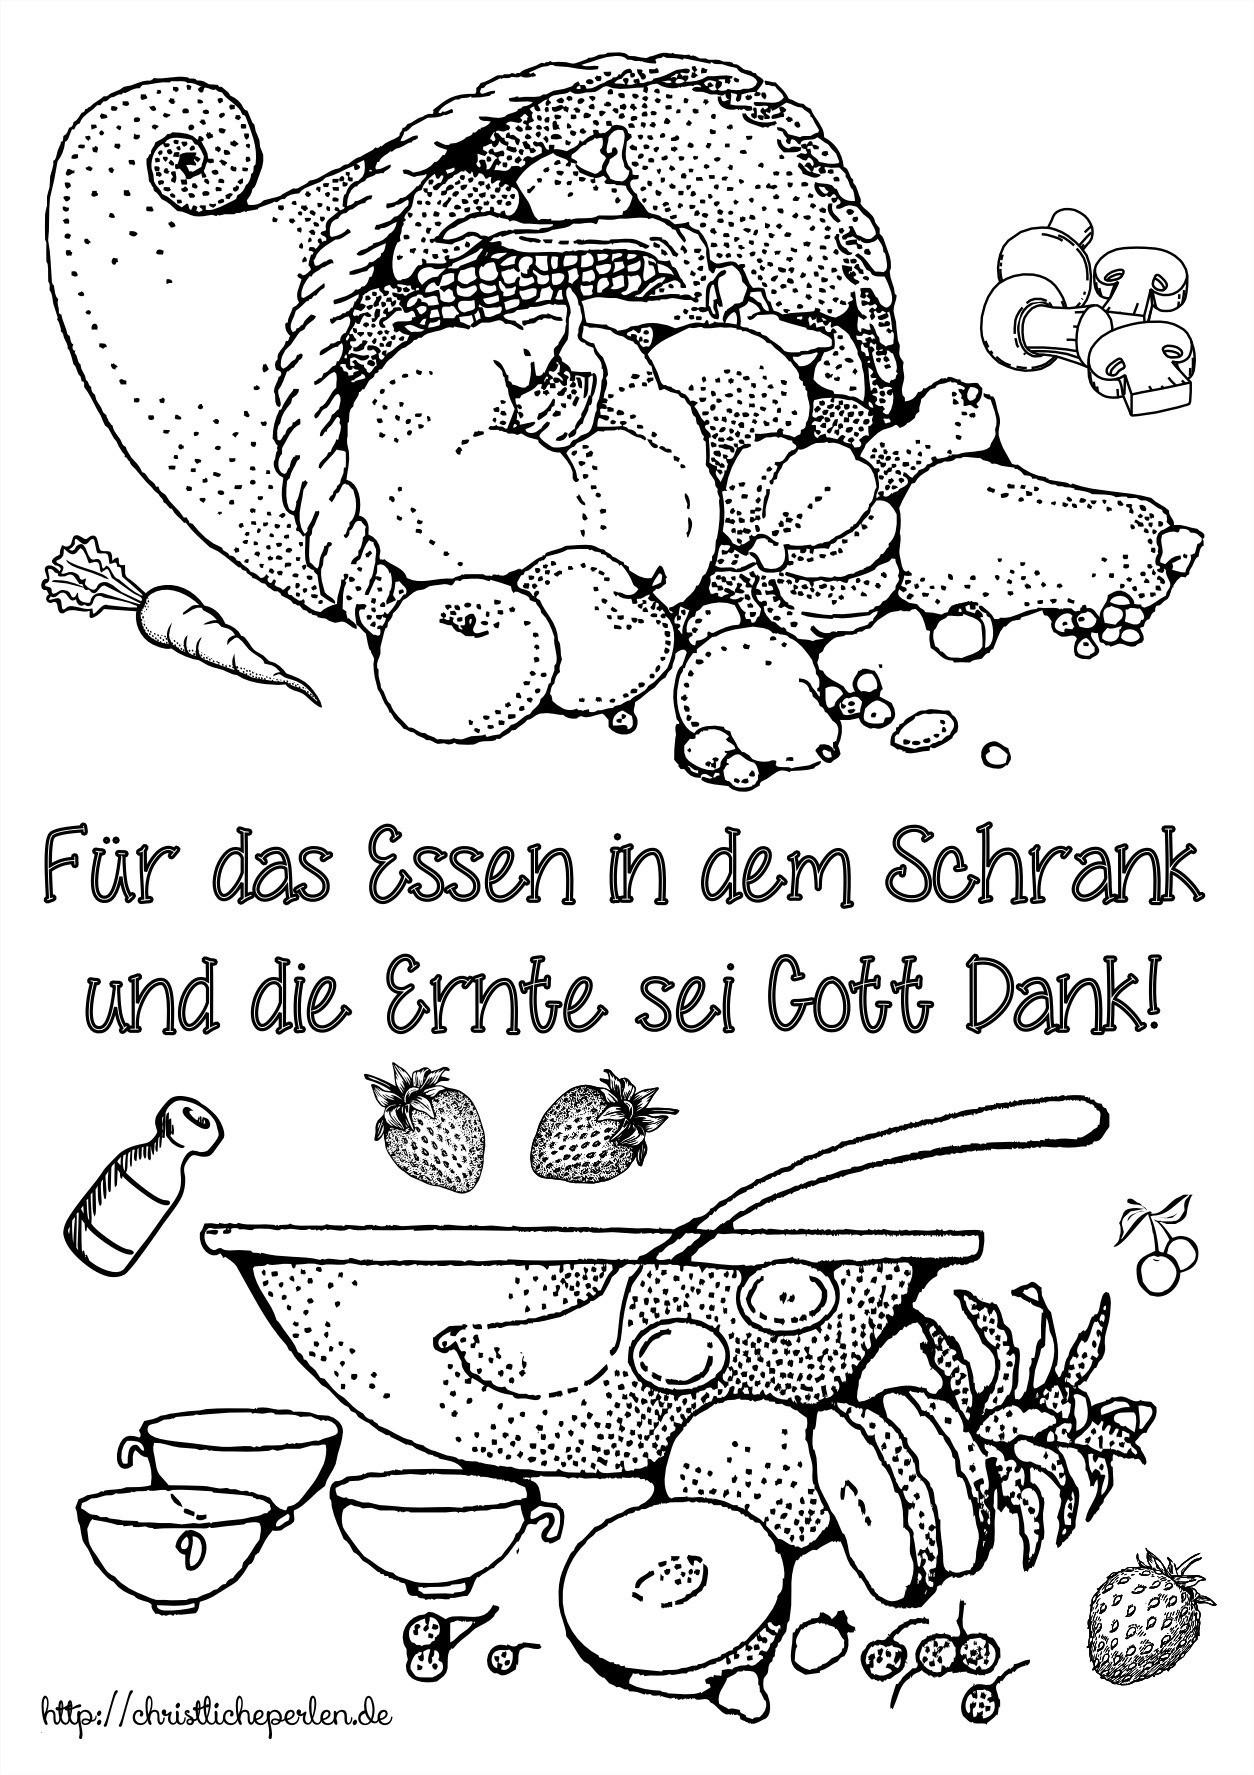 Ausmalbilder Weihnachten Tweety Frisch Robin Hood Ausmalbild Das Beste Von Ausmalbilder Ritter Stock